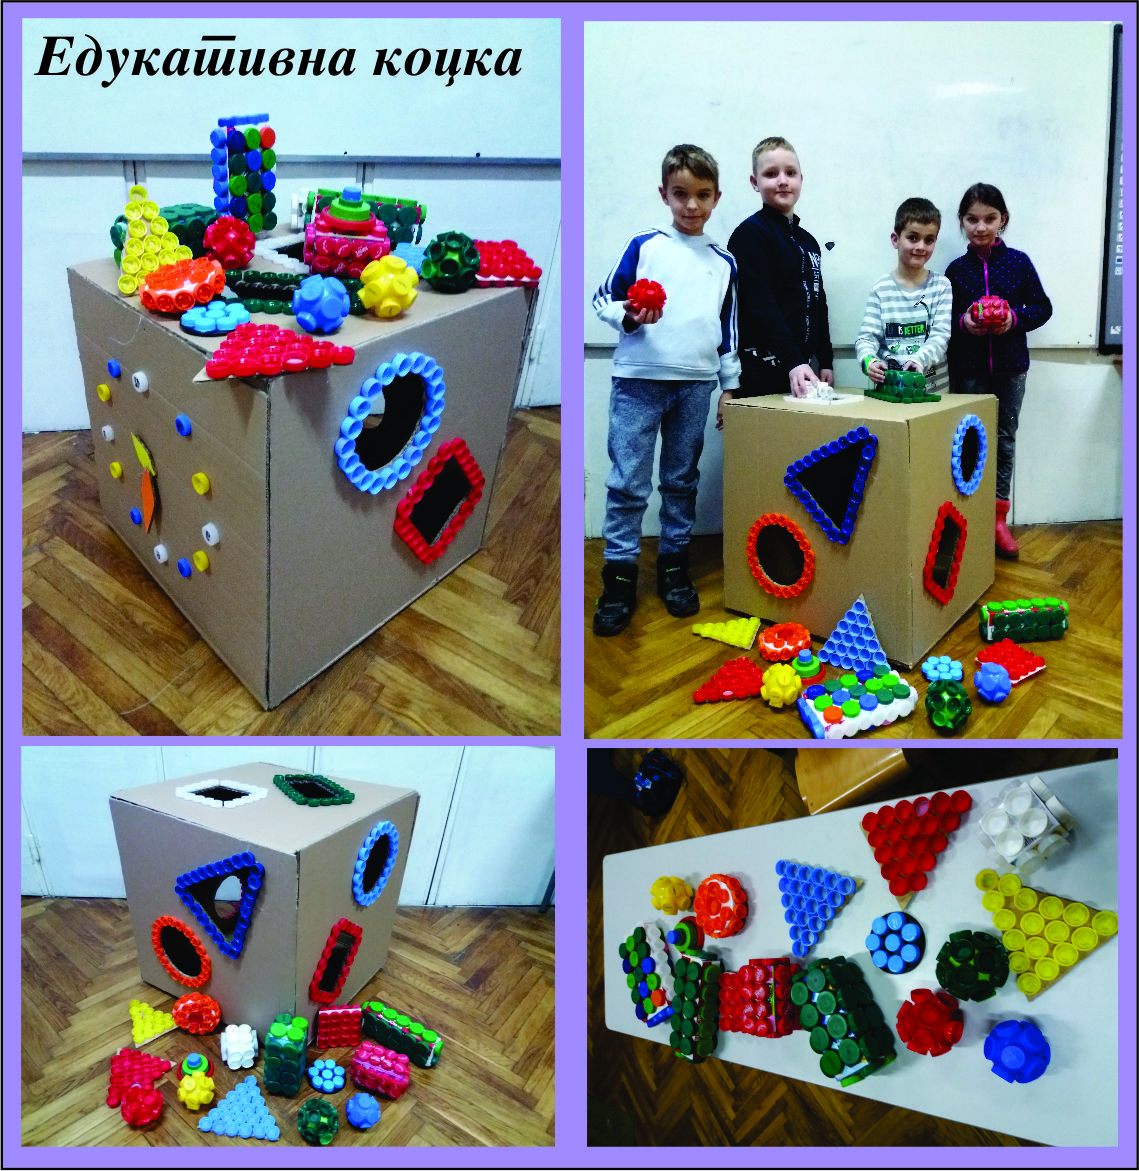 Drugi izazov - Igračka od reciklažnog materijala!